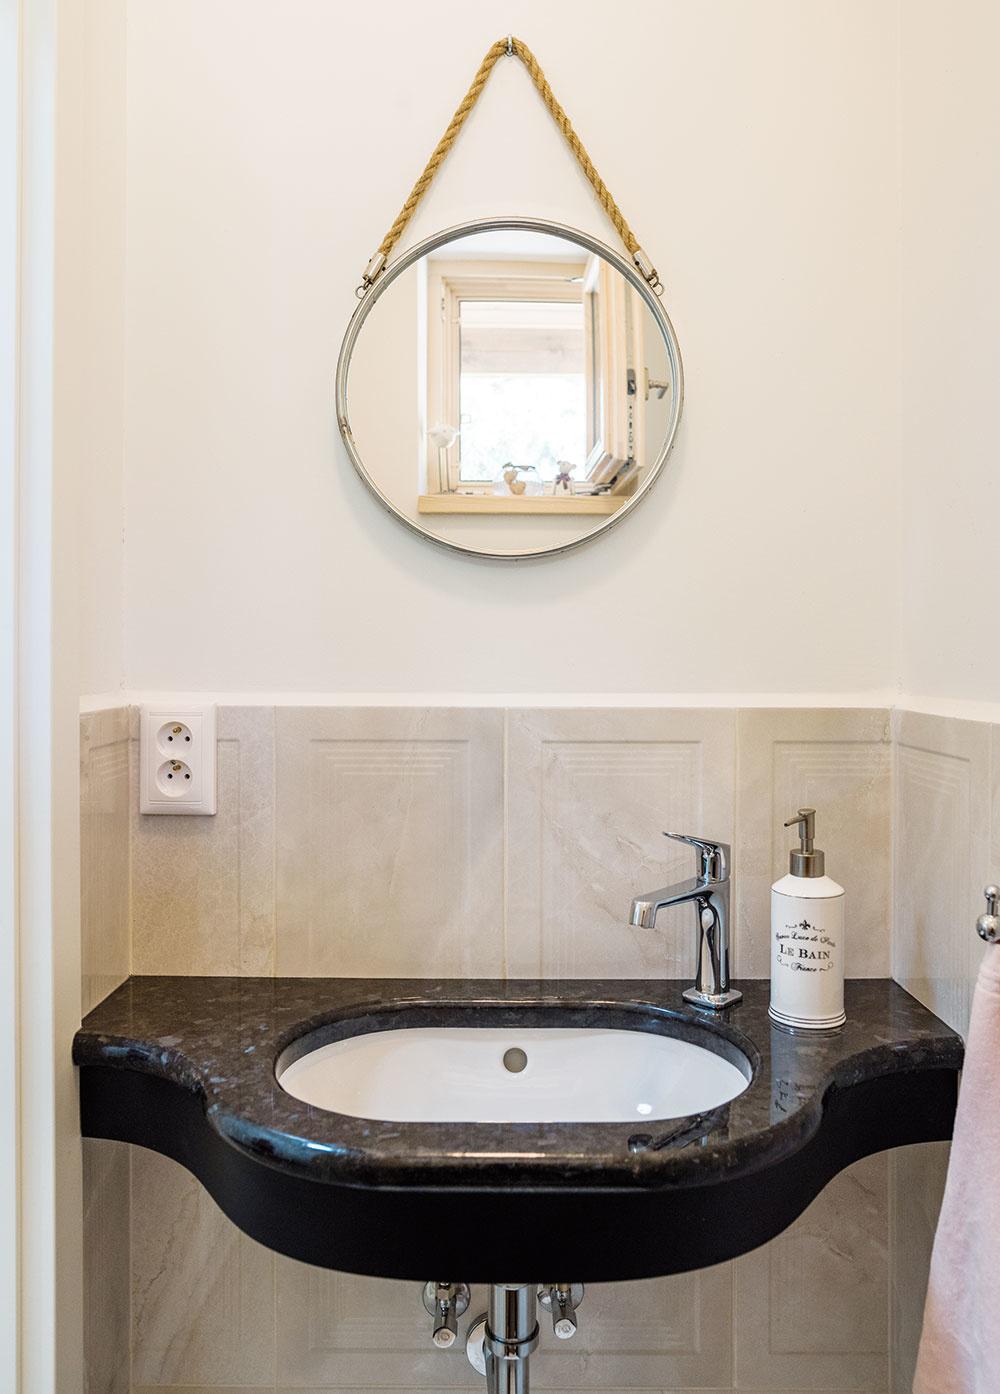 Umývadielko na toalete je tvarované tak, aby sa dalo okolo neho vmalom priestore prejsť, zároveň je však dostatočne veľké na umytie rúk bez toho, aby voda striekala všade naokolo (čo sa omnohých umývadlách na WC povedať nedá).